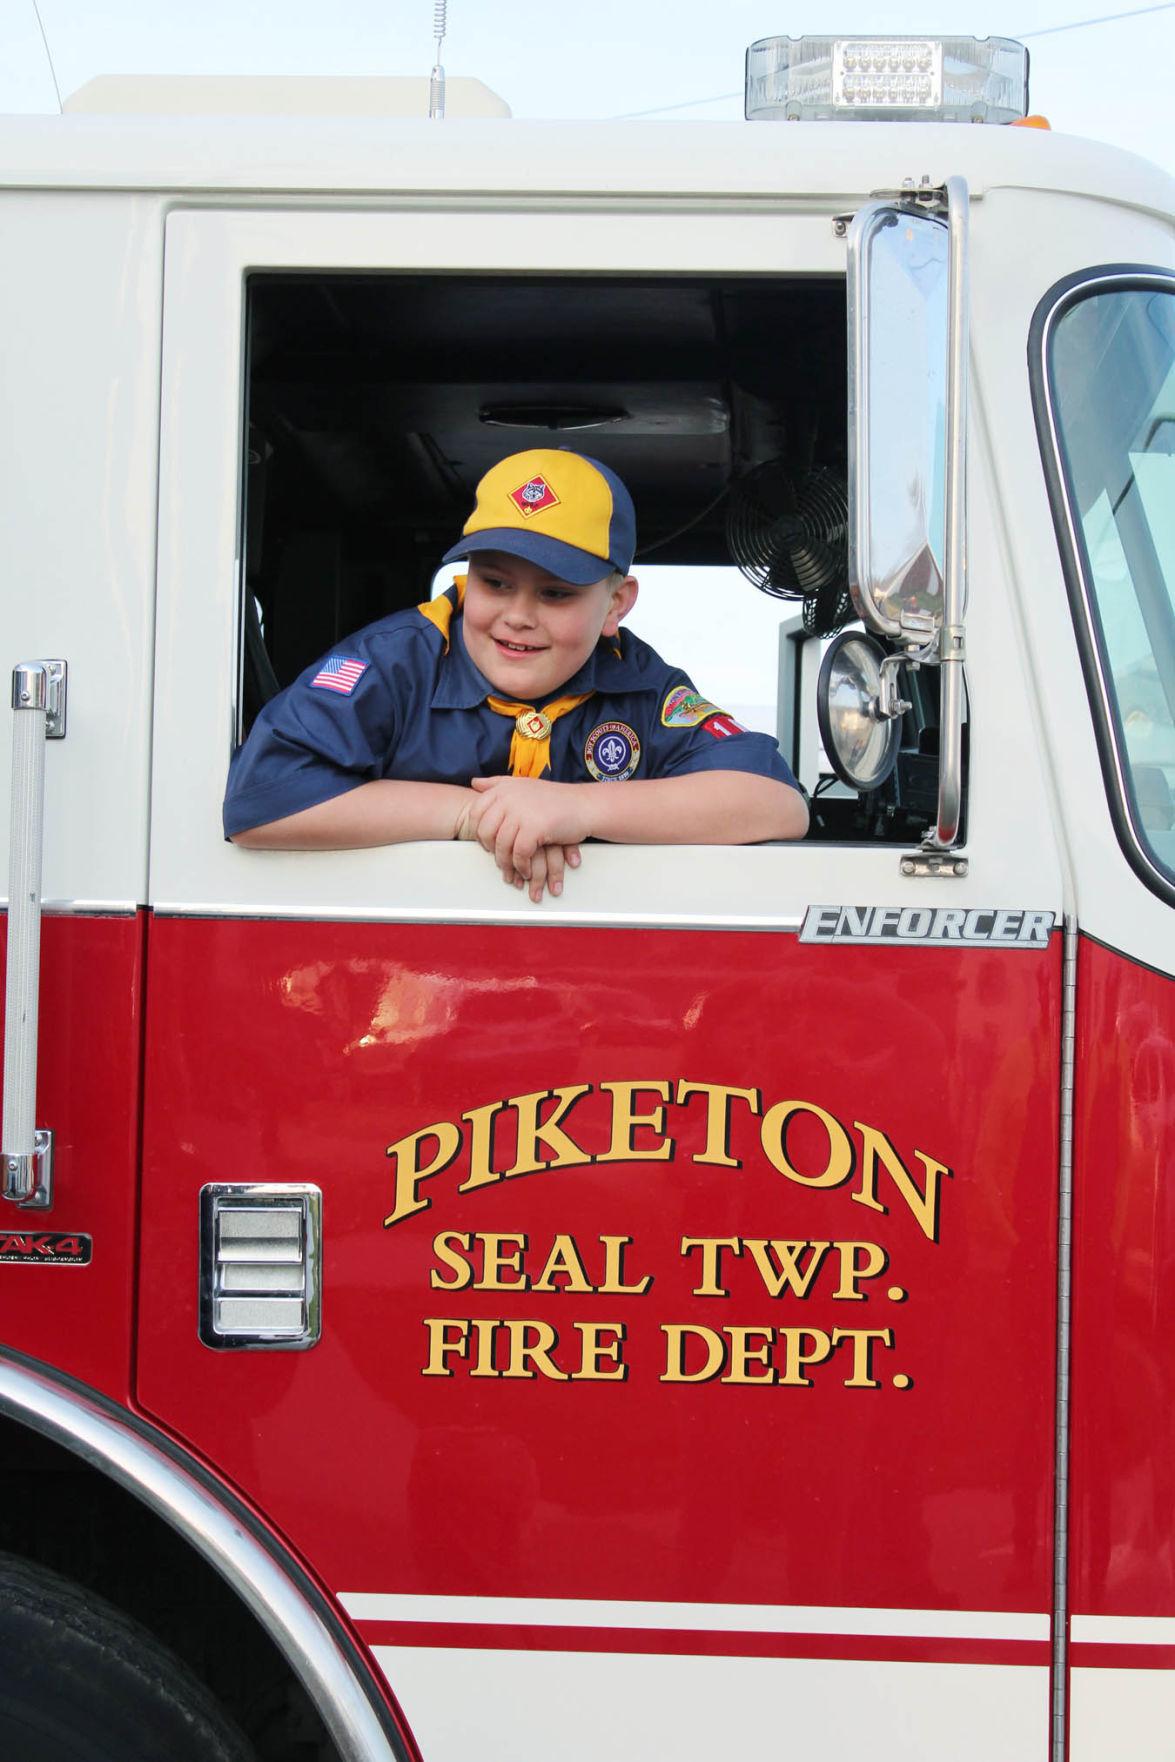 Cub Scouts-PFD boy in truck look out window